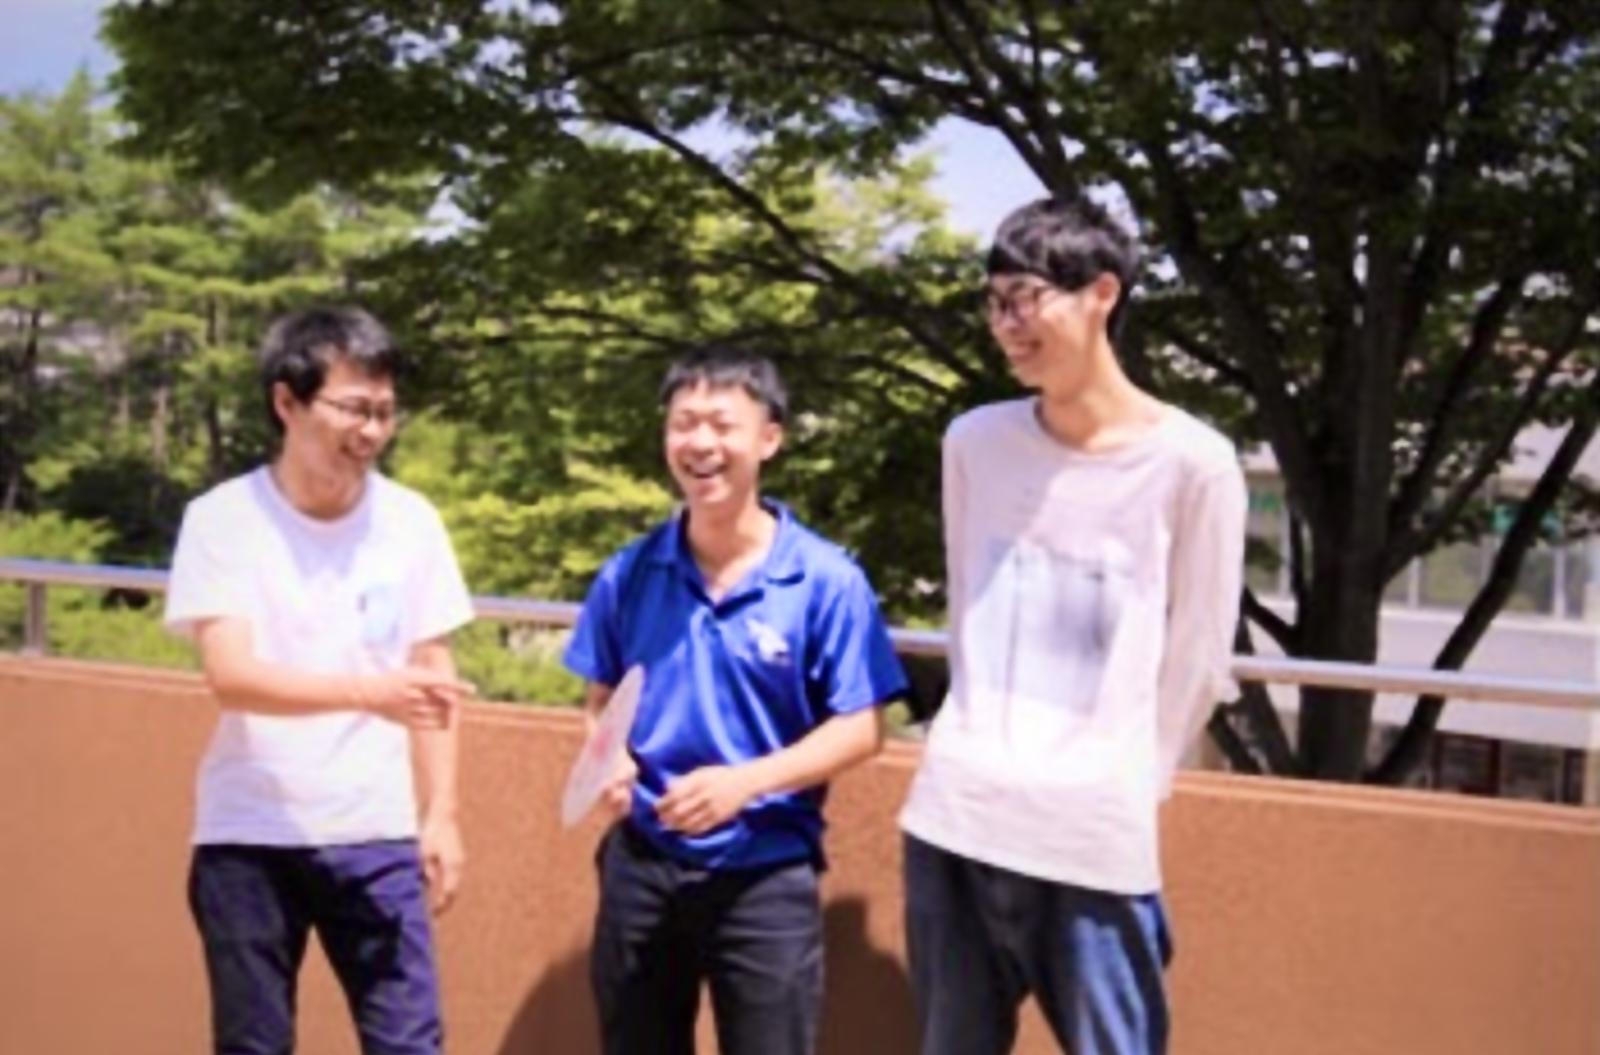 学生団体ひとむすびを設立したメンバーの3人